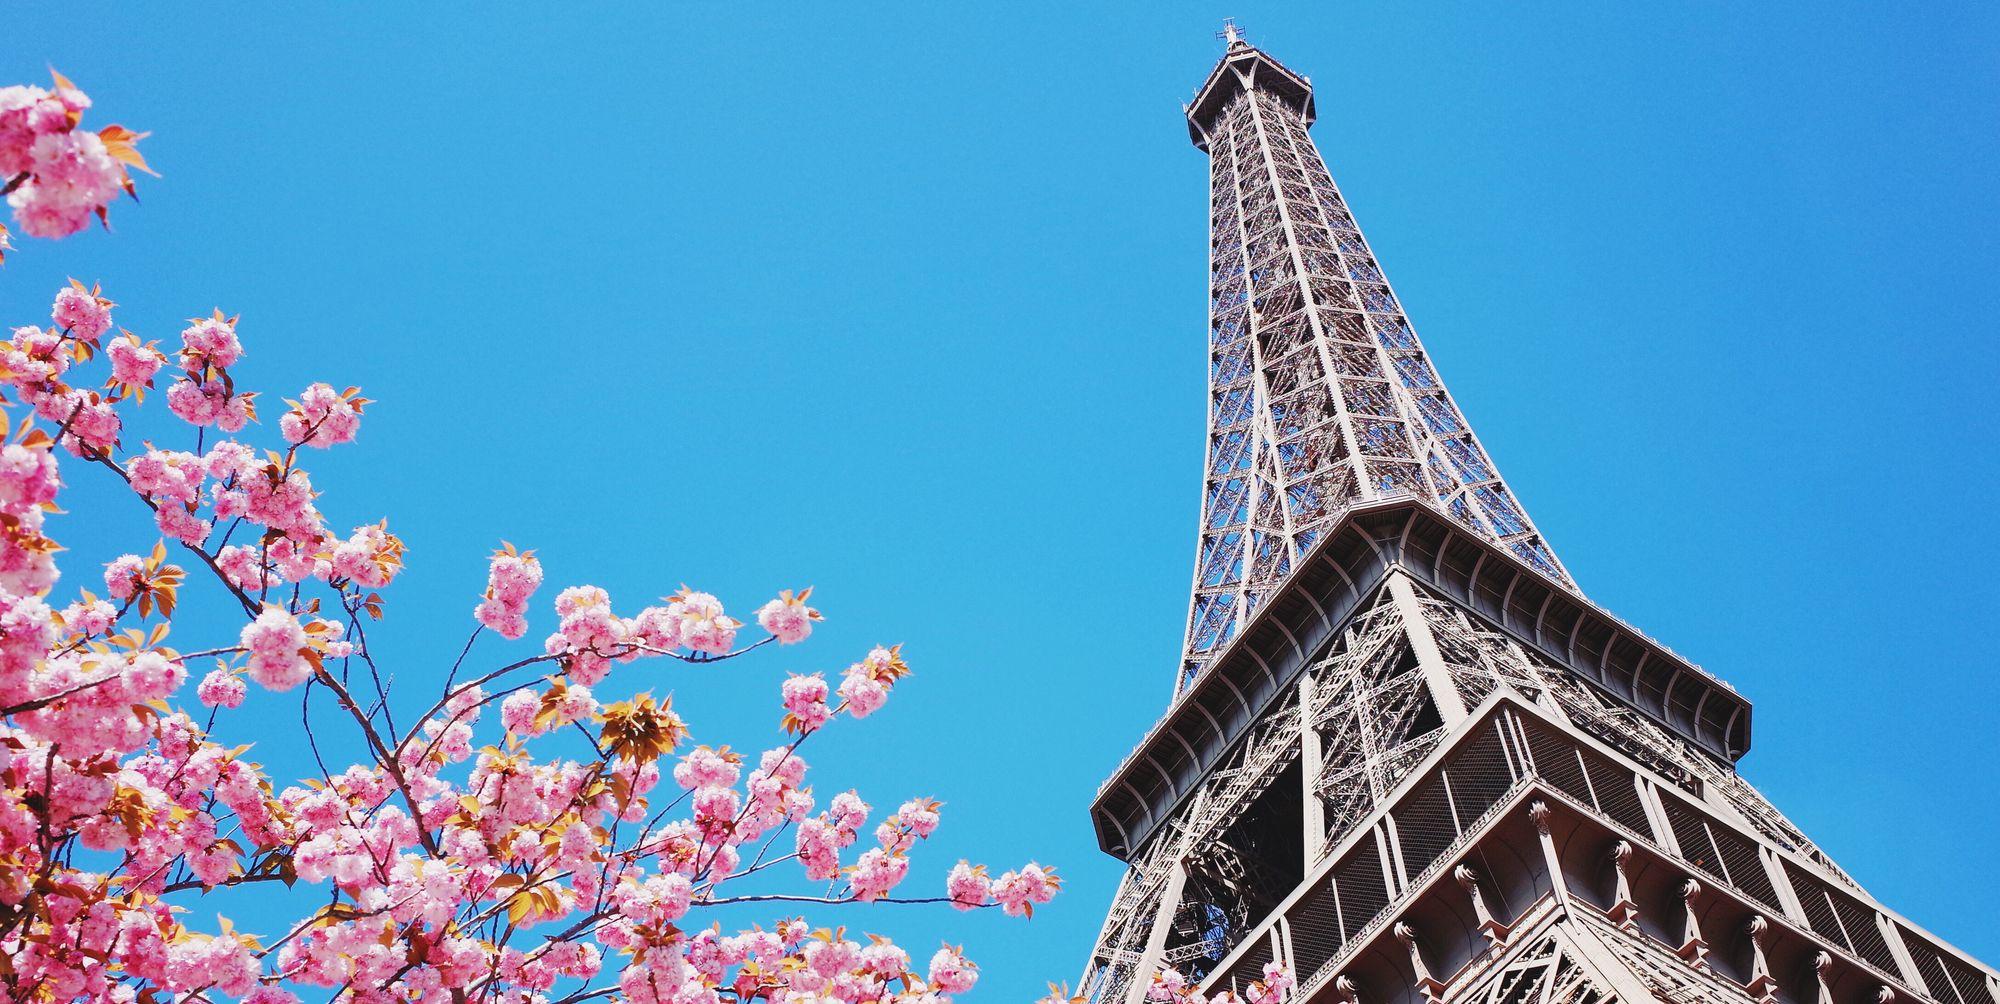 賞櫻,櫻花,景點,巴黎,紐約,溫哥華,粉紅,日本,韓國,櫻花季